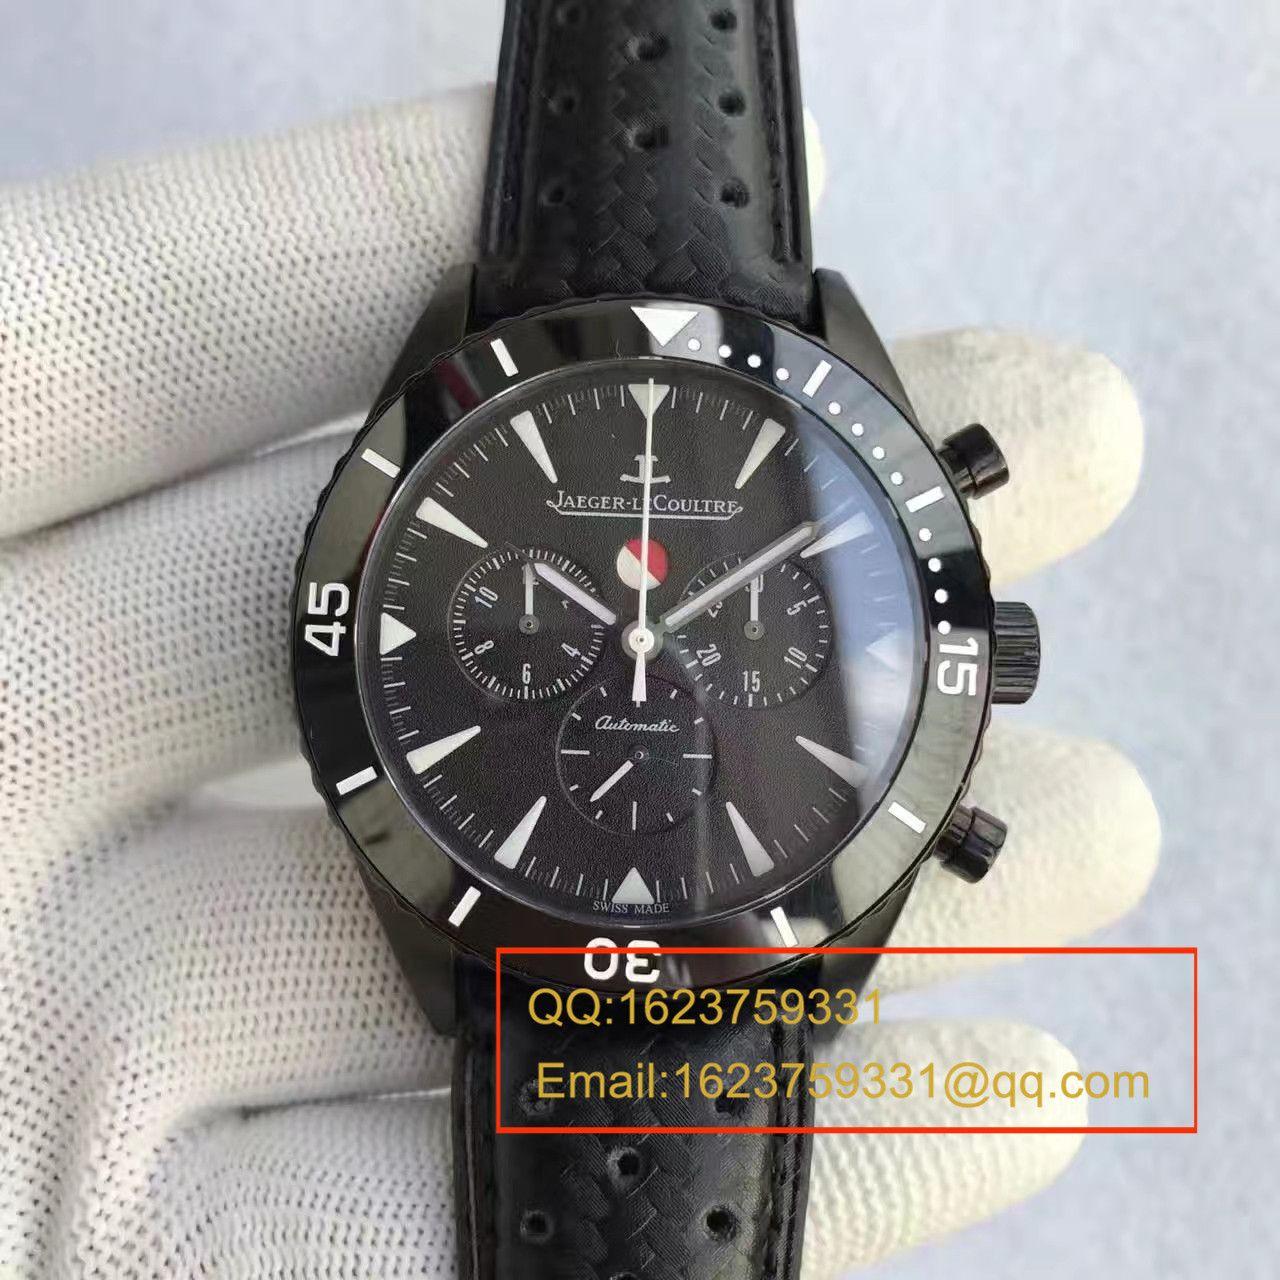 【台湾厂顶级复刻手表】积家极限运动大师深海传奇系列 2068570腕表 / JJ040